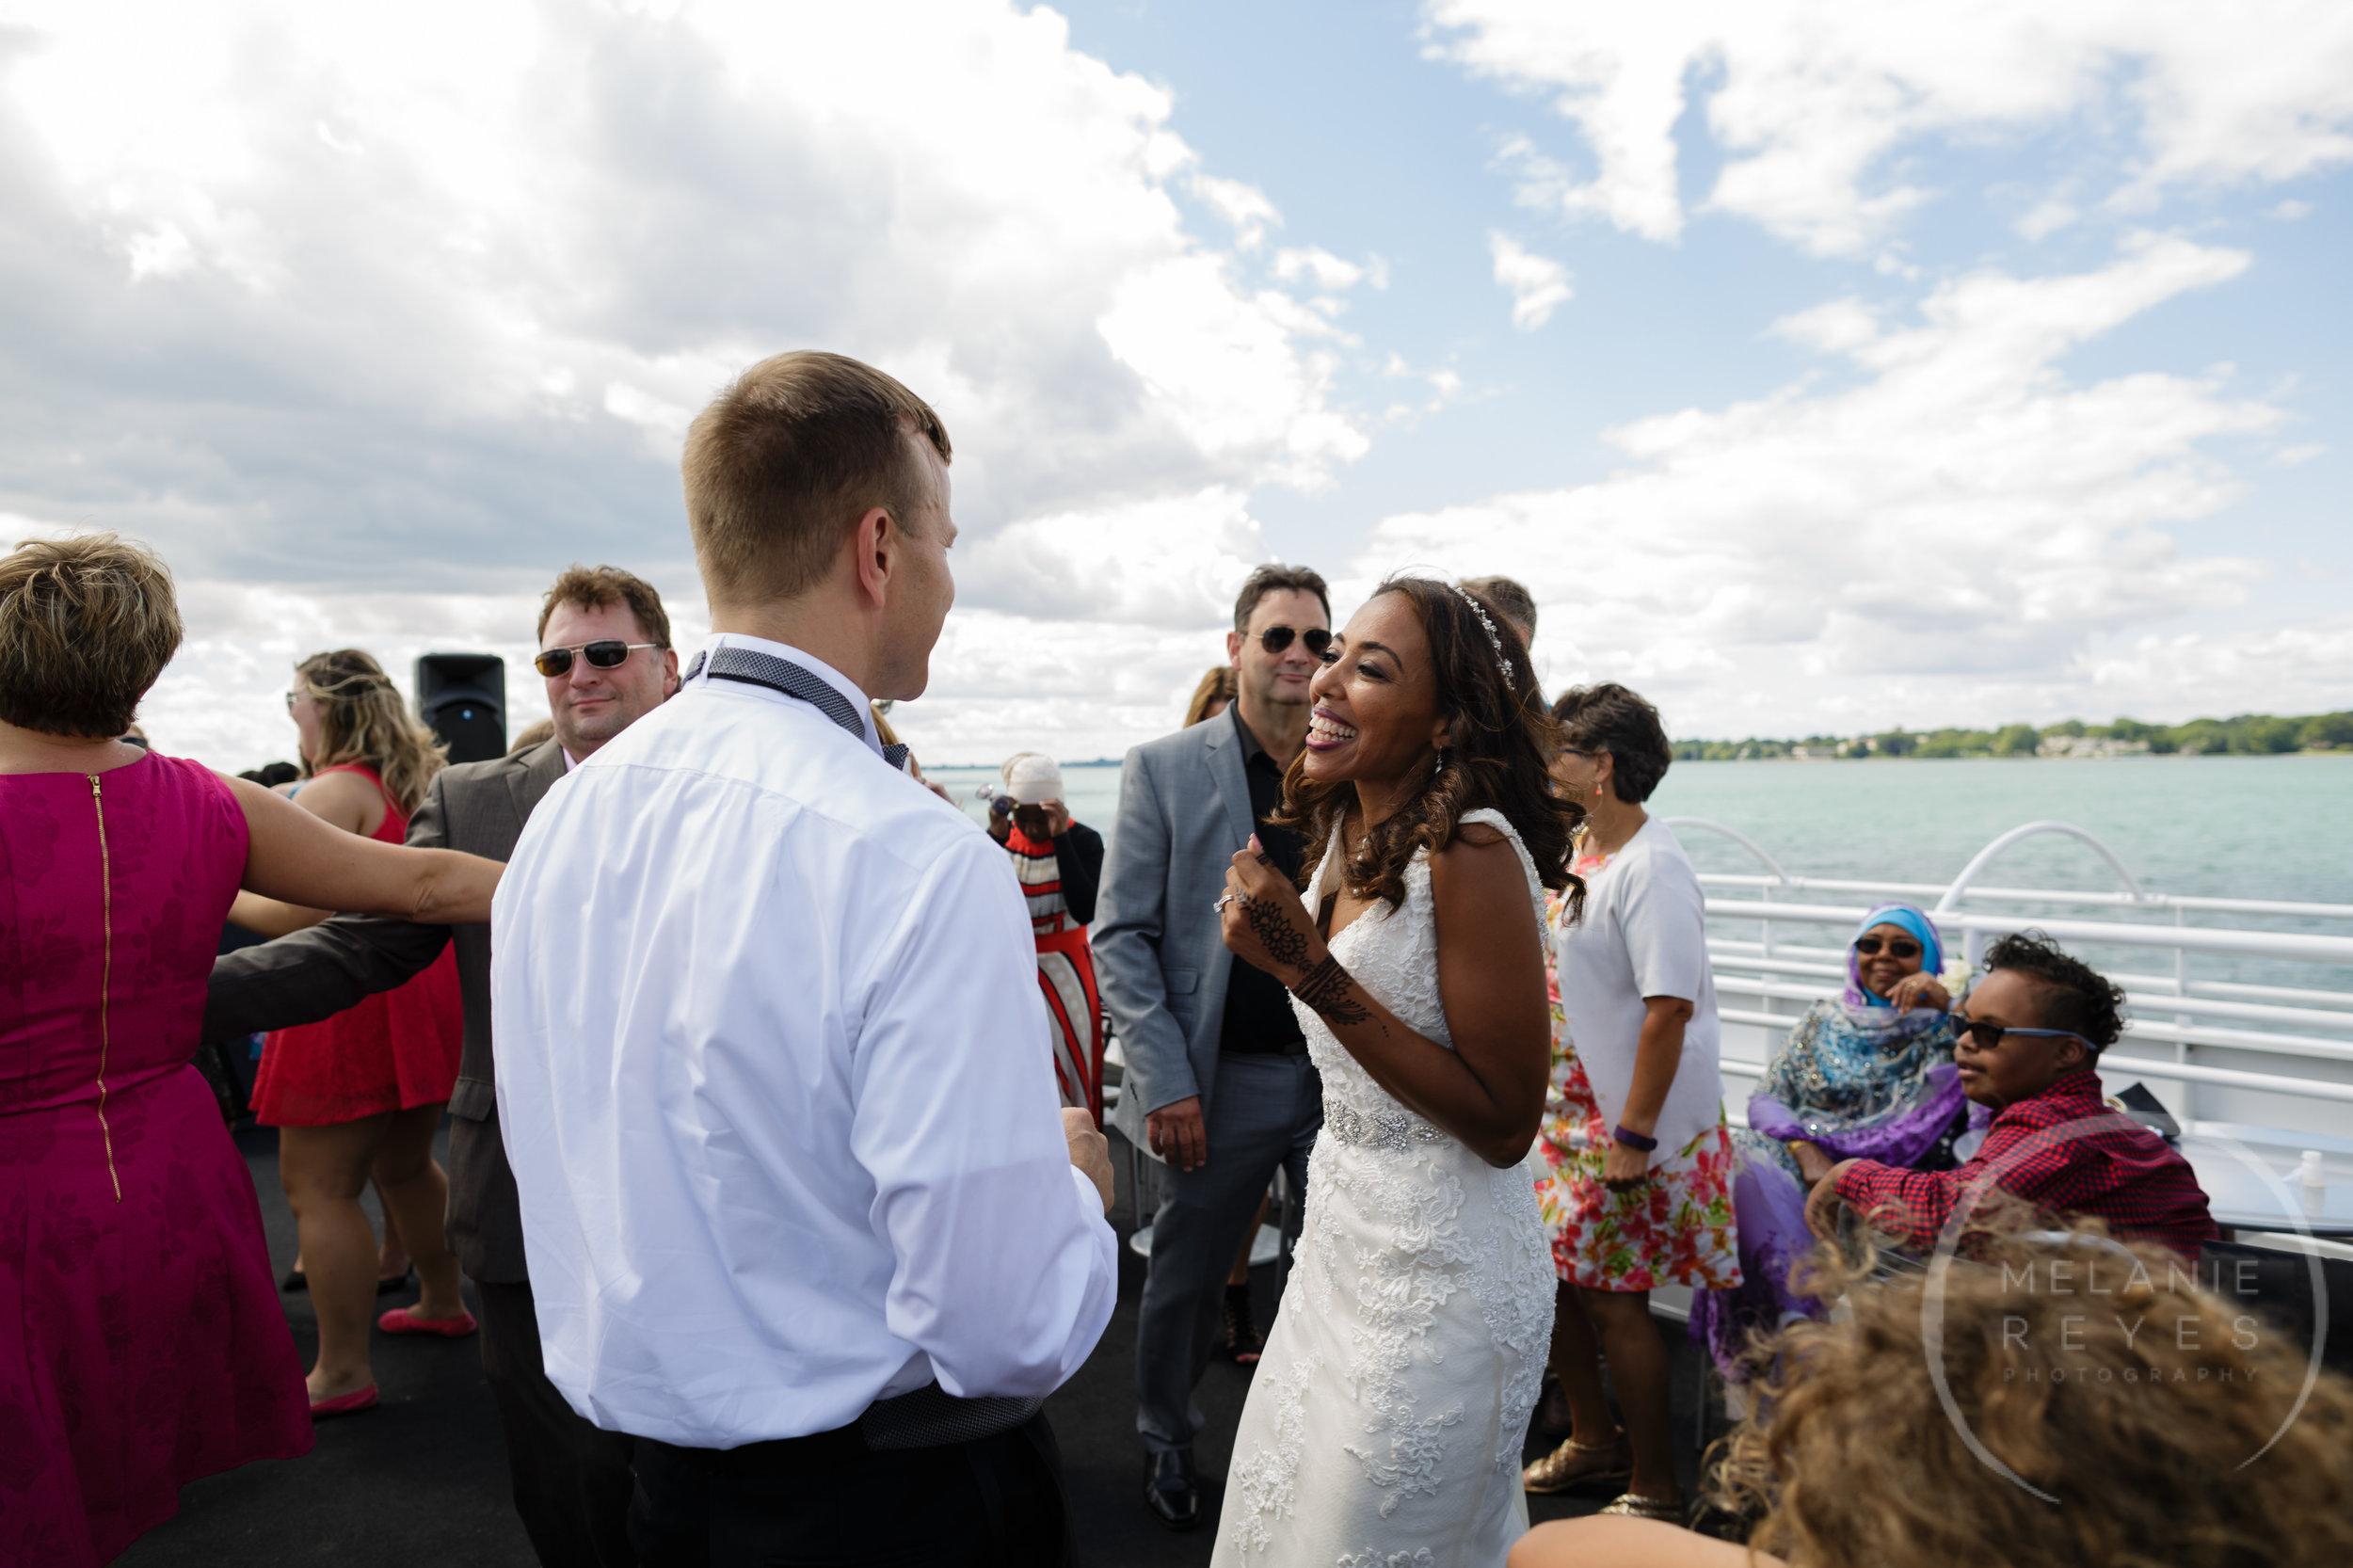 infinity_ovation_yacht_wedding_detroit_melaniereyes53.jpg